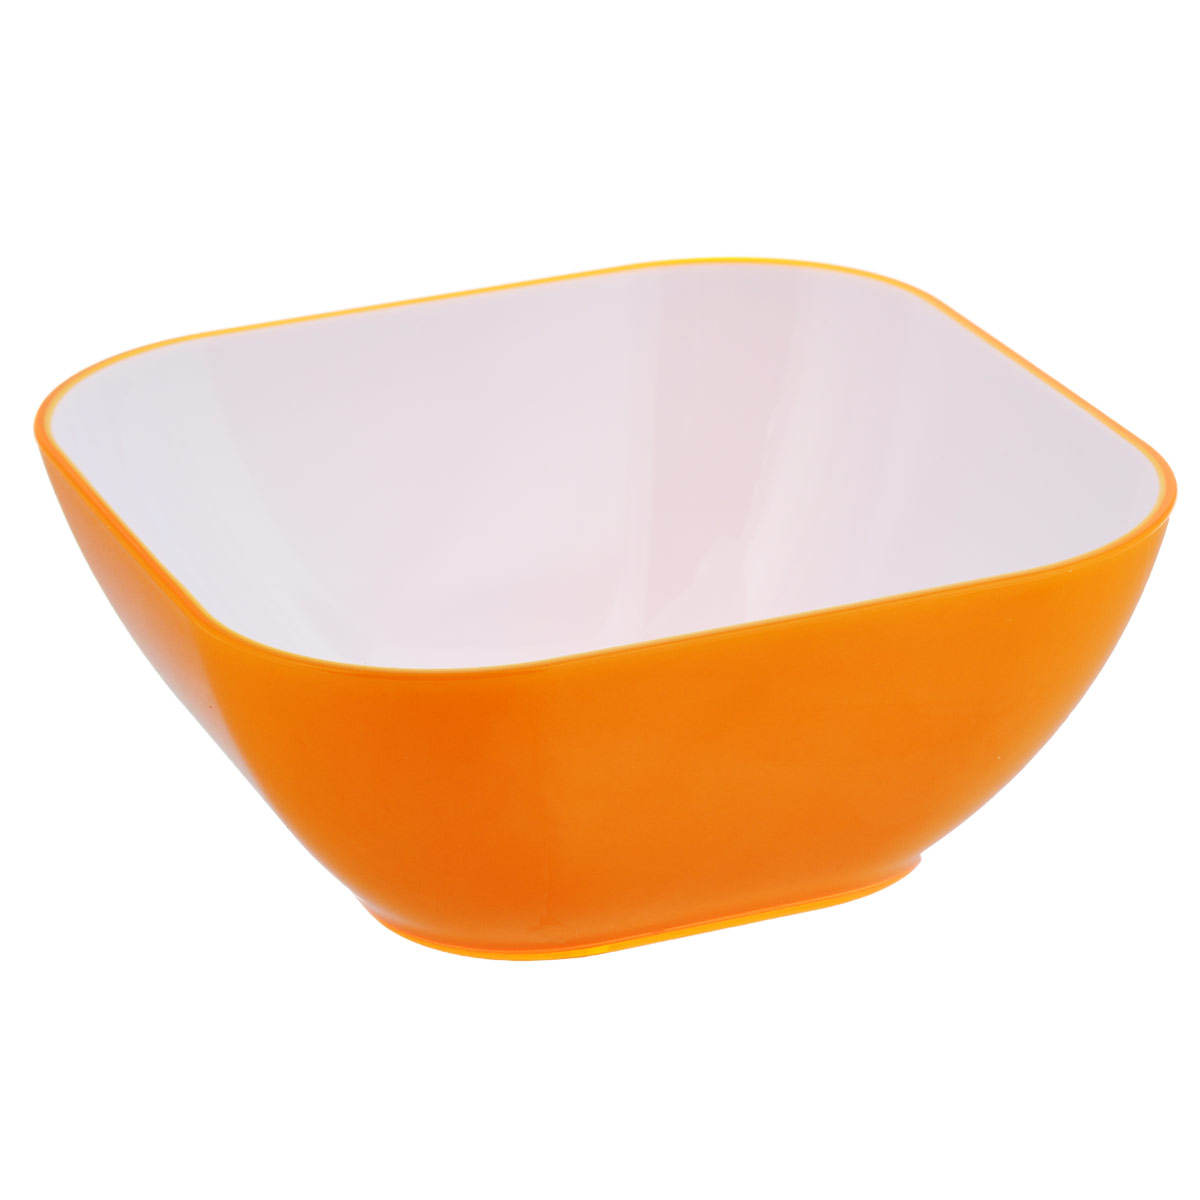 Салатник Bradex, цвет: оранжевый, 3,9 лTK 0130Салатник Bradex выполнен из цветного пищевого пластика, устойчивого к действию уксуса, спирта и масел. Салатник прочный и стойкий к царапинам. Благодаря высококачественным материалам он не впитывает запахи и не изменяет вкусовые качества пищи. Идеально подходит как для домашнего использования, так и для пикников. Яркий салатник создаст веселое летнее настроение за вашим столом, будь то домашний обед или завтрак на природе. Салатник настолько легок в уходе, что не отнимет у вас ни секунды лишнего времени, отведенного на послеобеденный отдых.Стильный и функциональный дизайн, легко моется. Объем: 3,9 л.